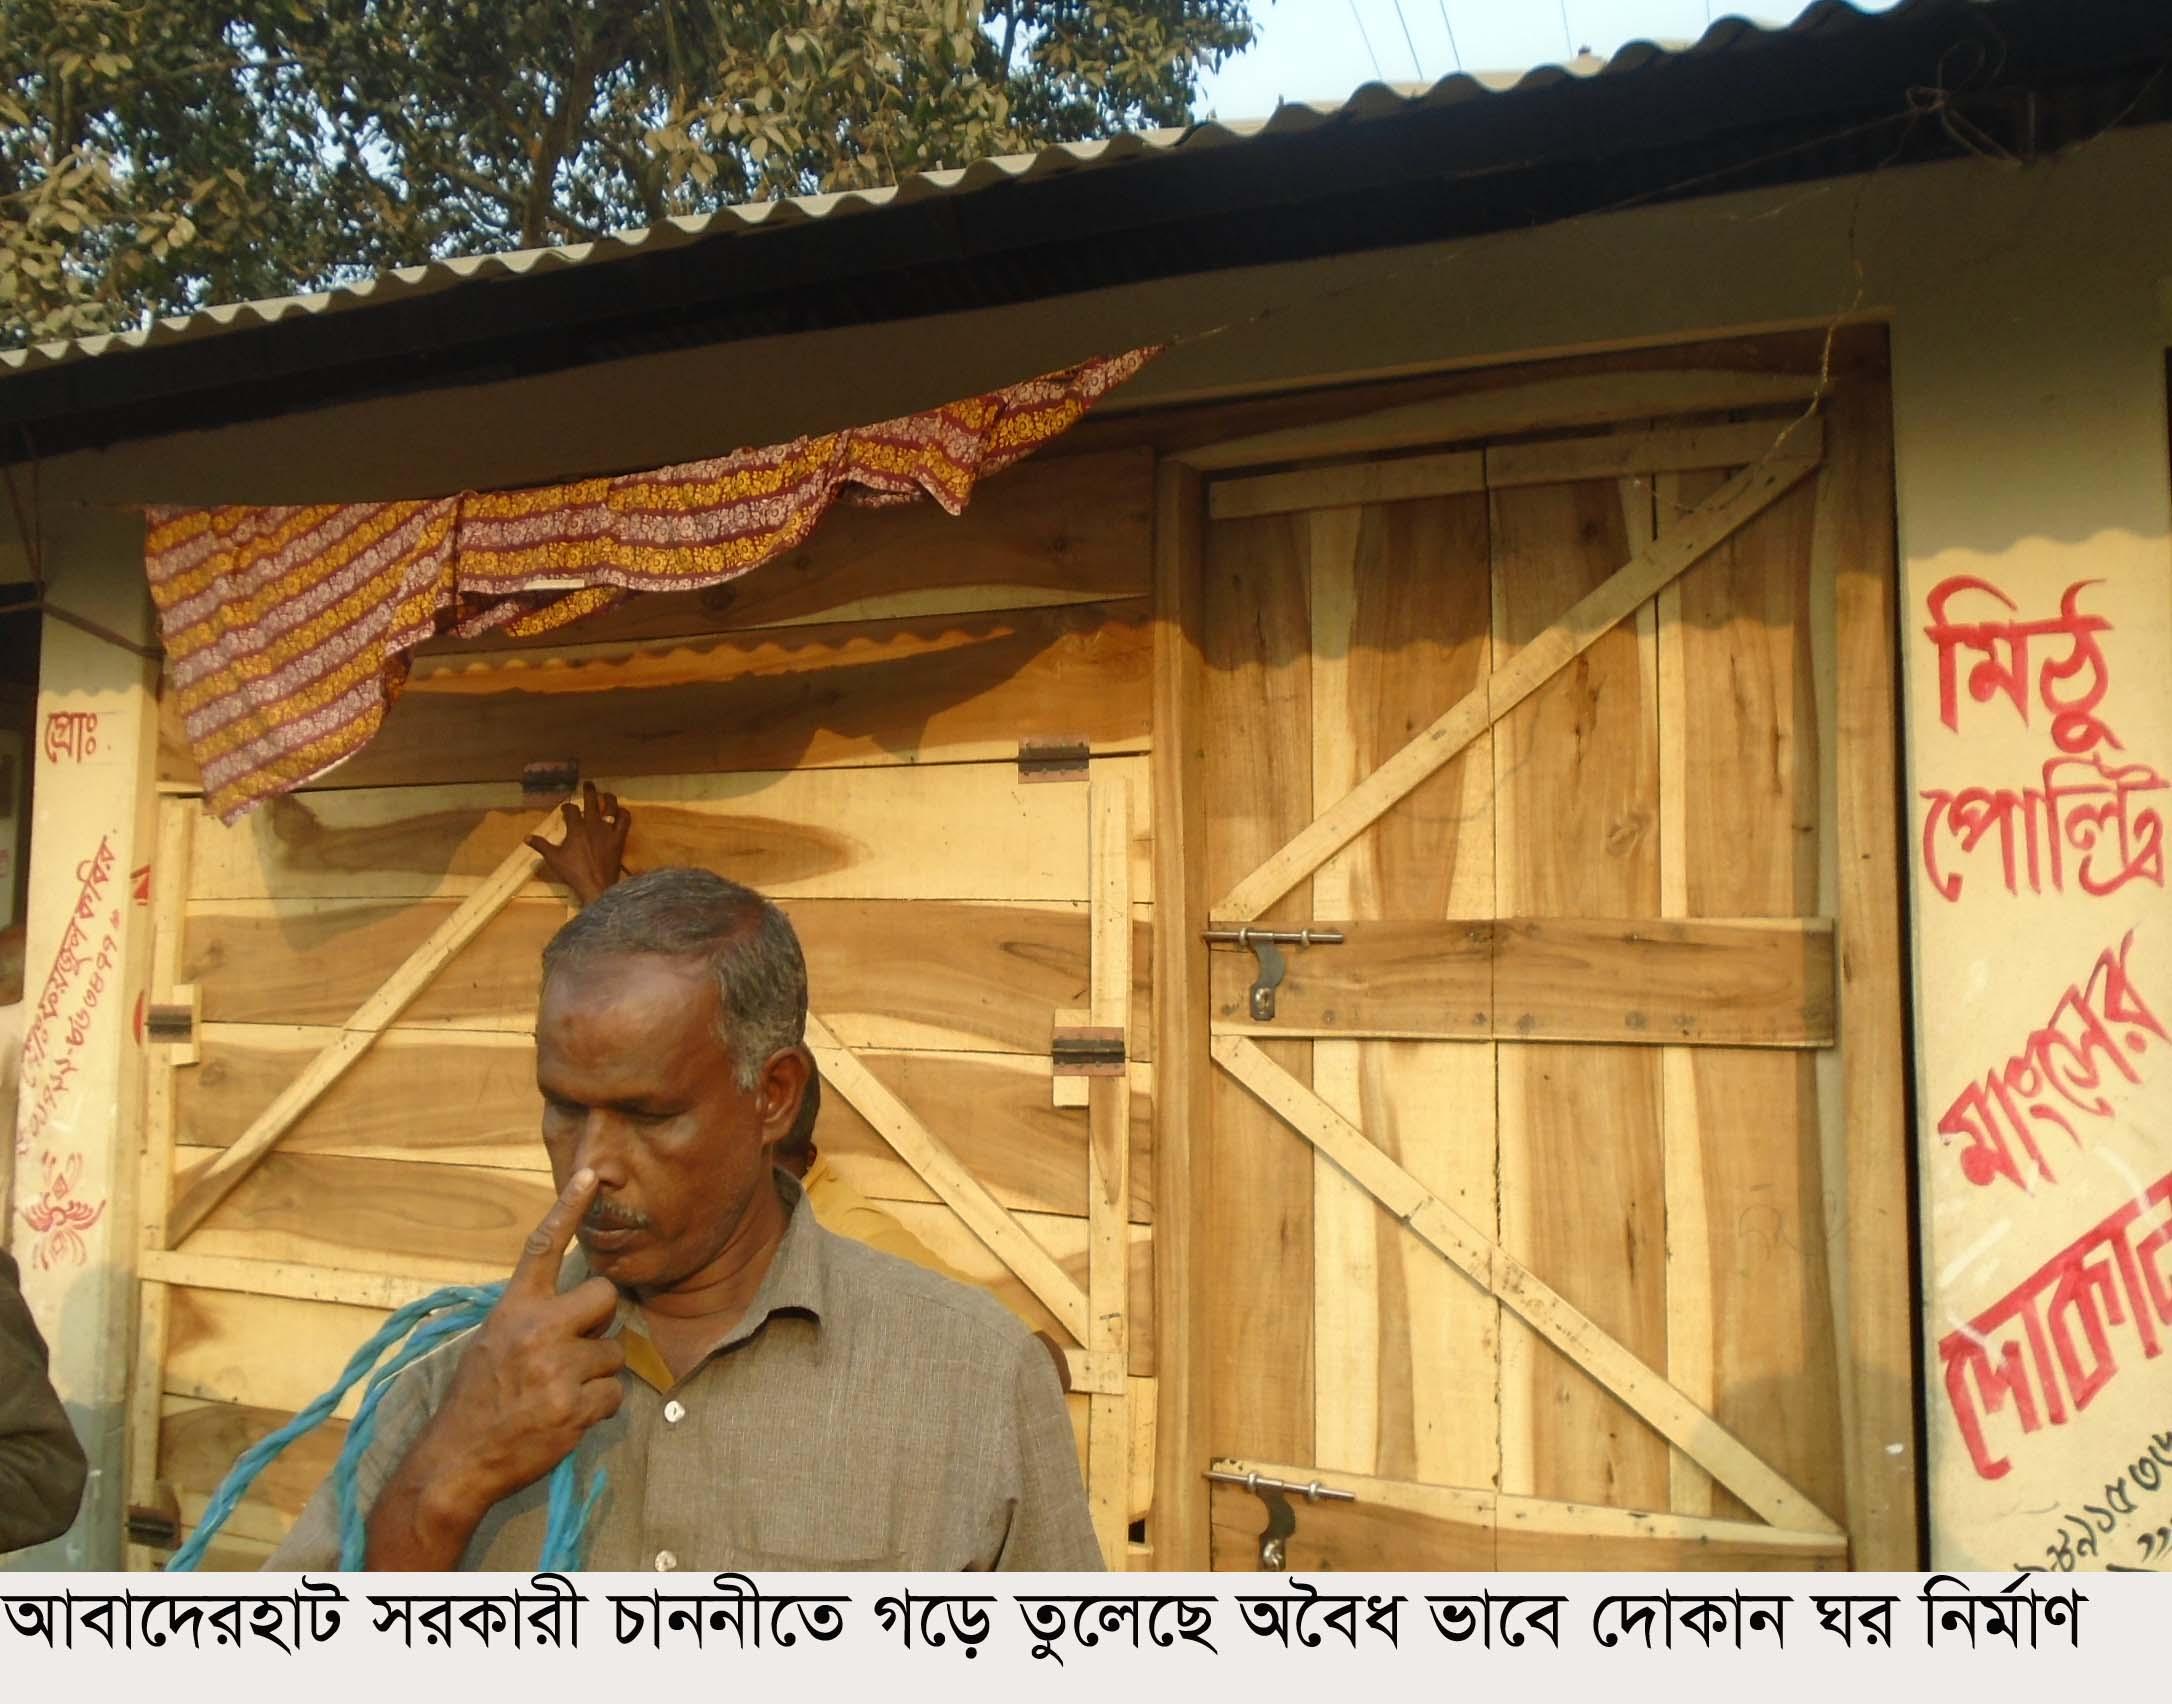 আবাদেরহাট সরকারি চাননীতে অবৈধভাবে দোকান ঘর নির্মাণের অভিযোগ